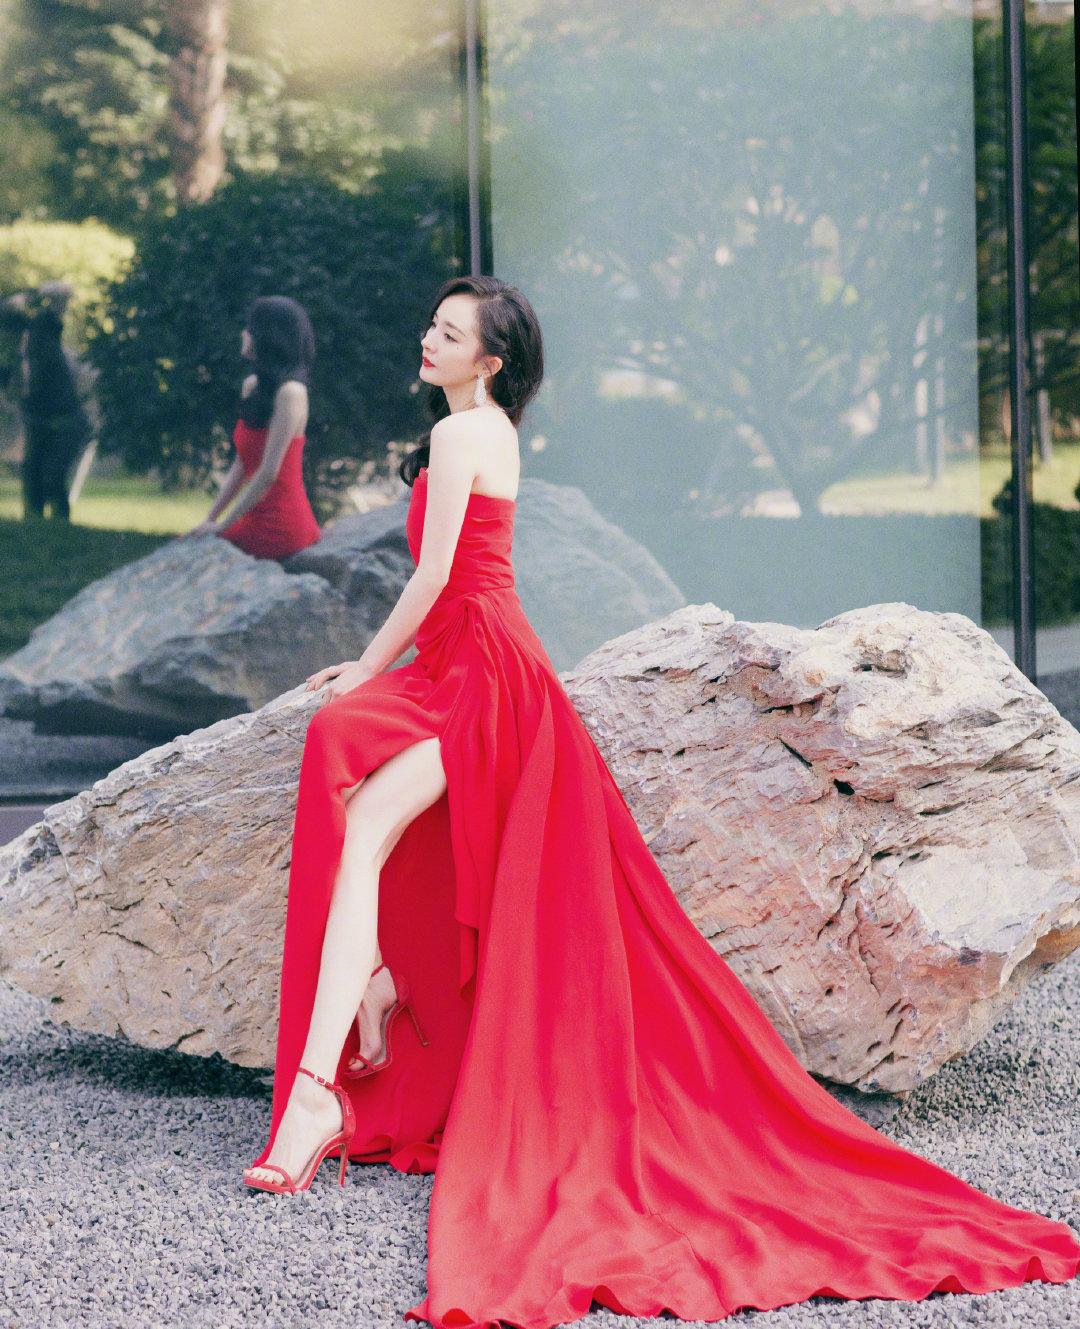 迪欧摩尼女鞋与礼裙搭配,你也可以很美!